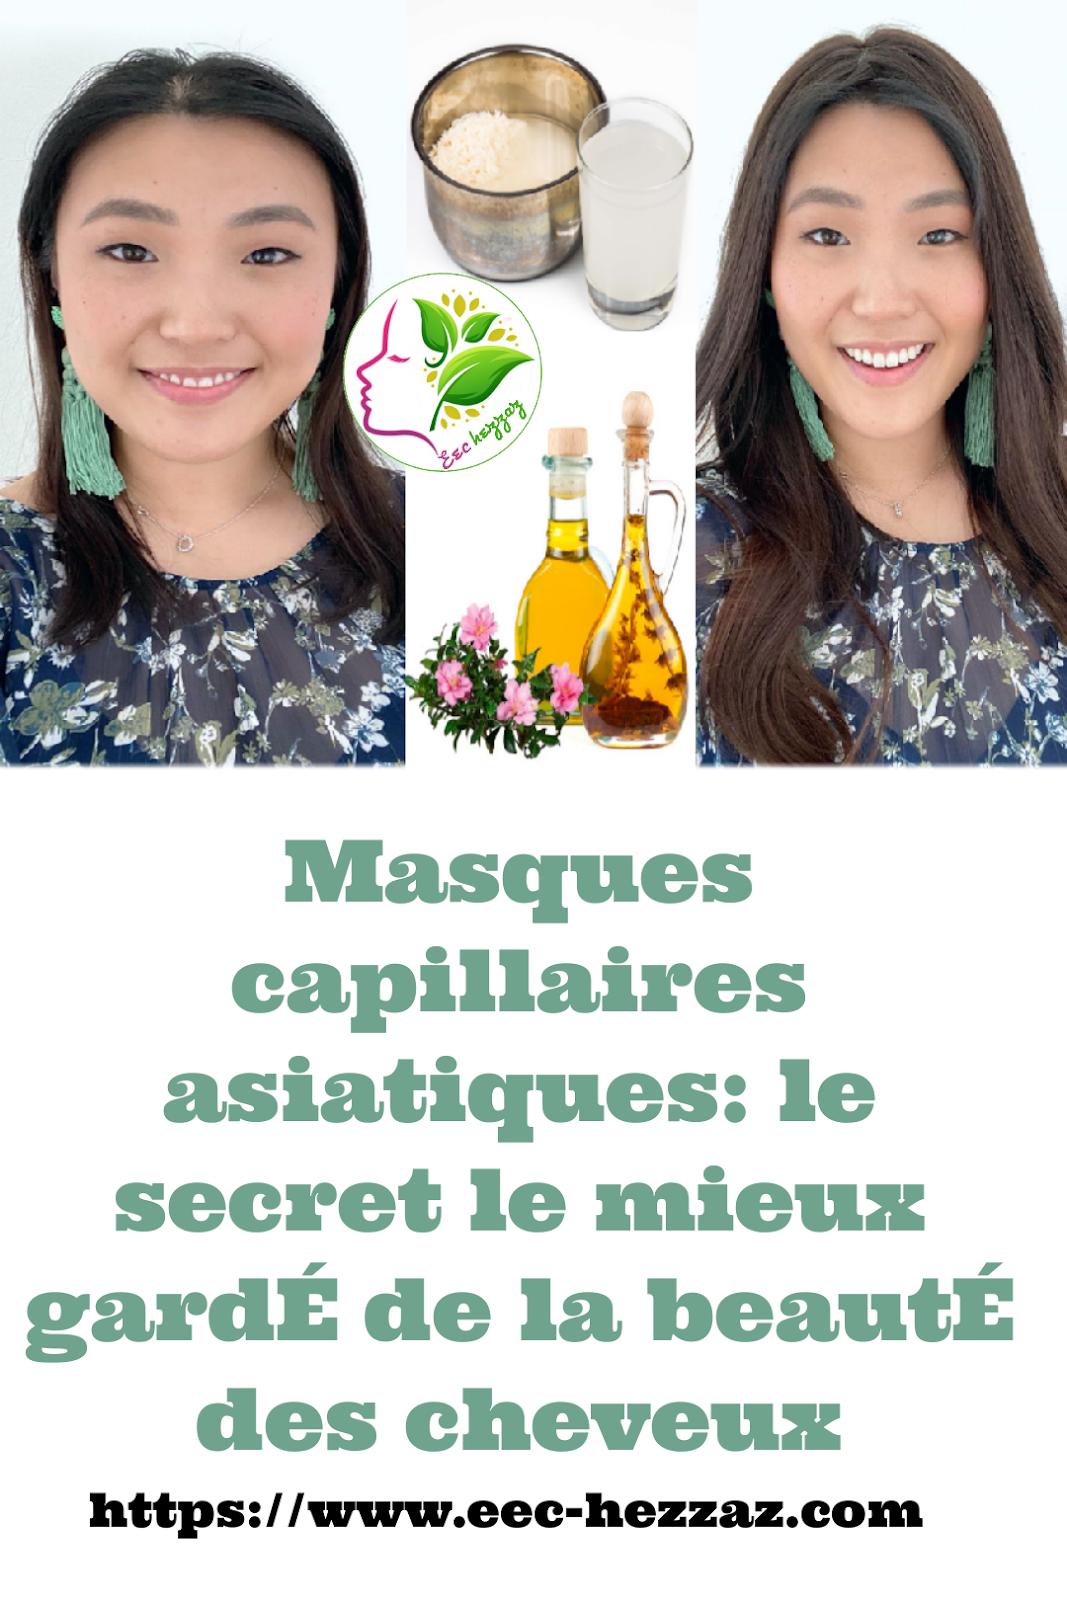 Masques capillaires asiatiques: le secret le mieux gardé de la beauté des cheveux